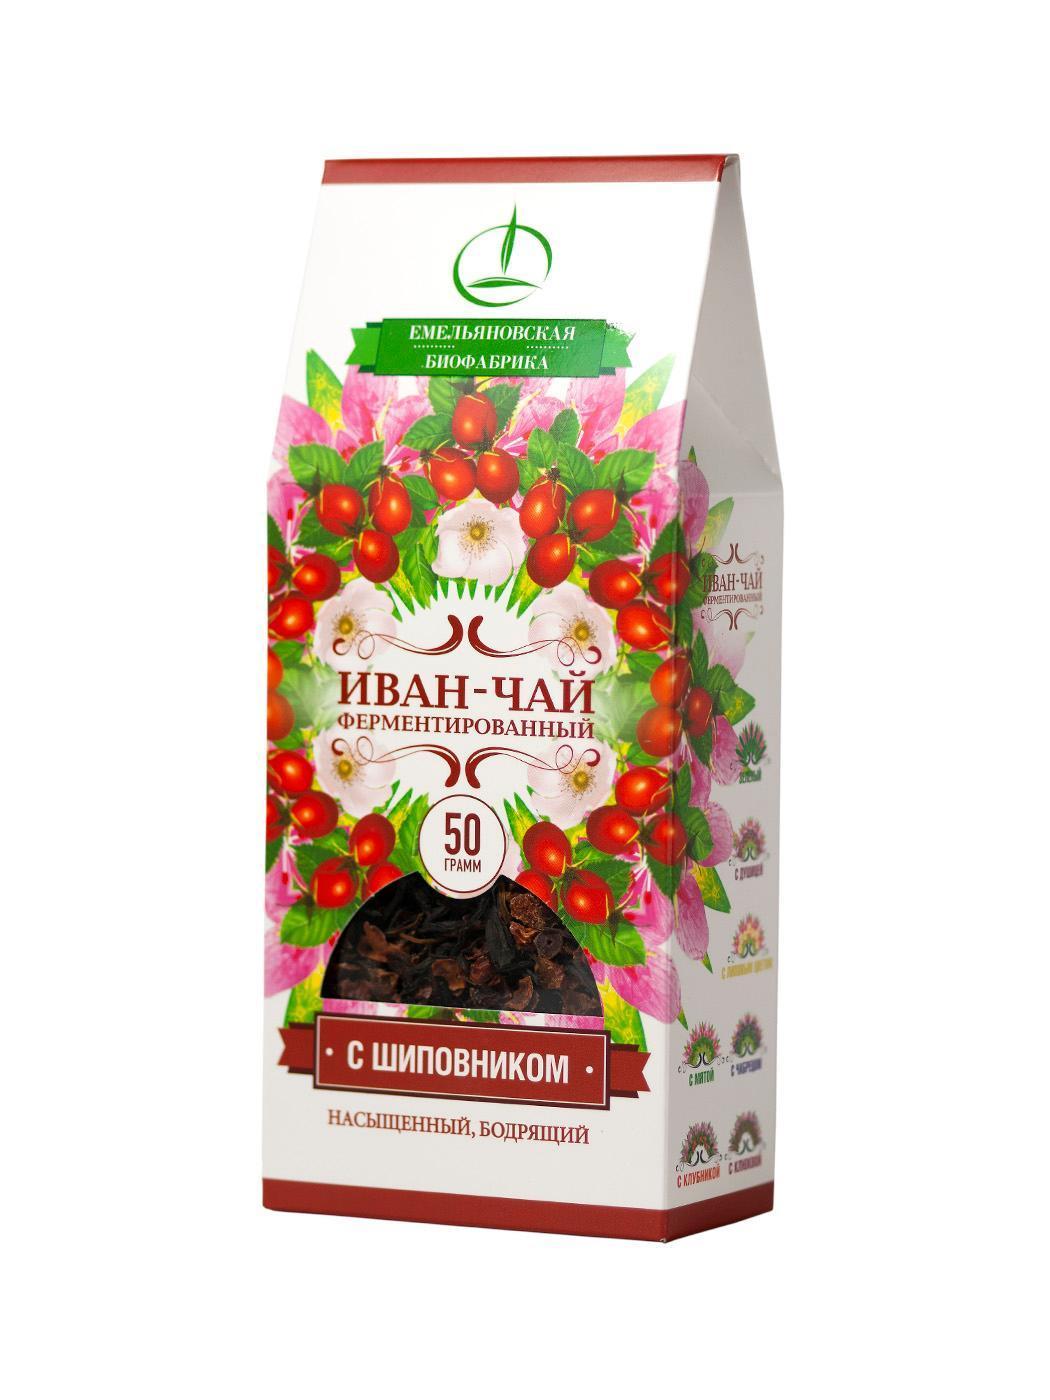 Иван-чай с Шиповником ферментированный